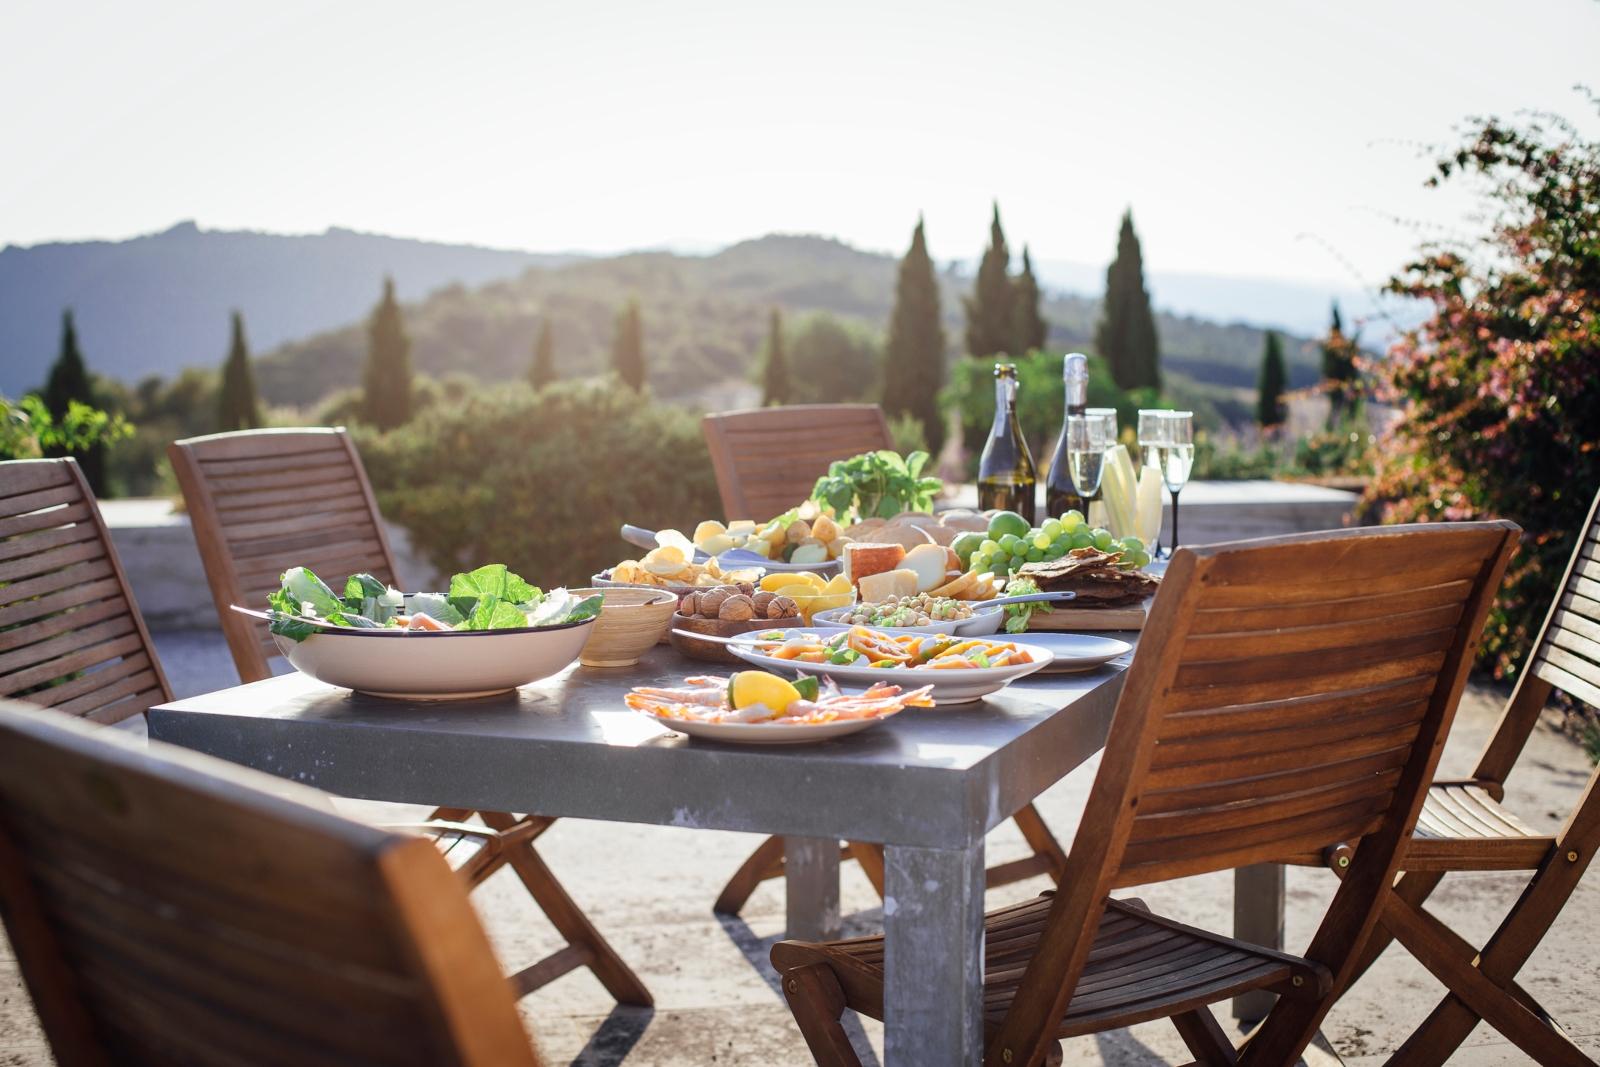 Mesa posto para almoço ao ar livre